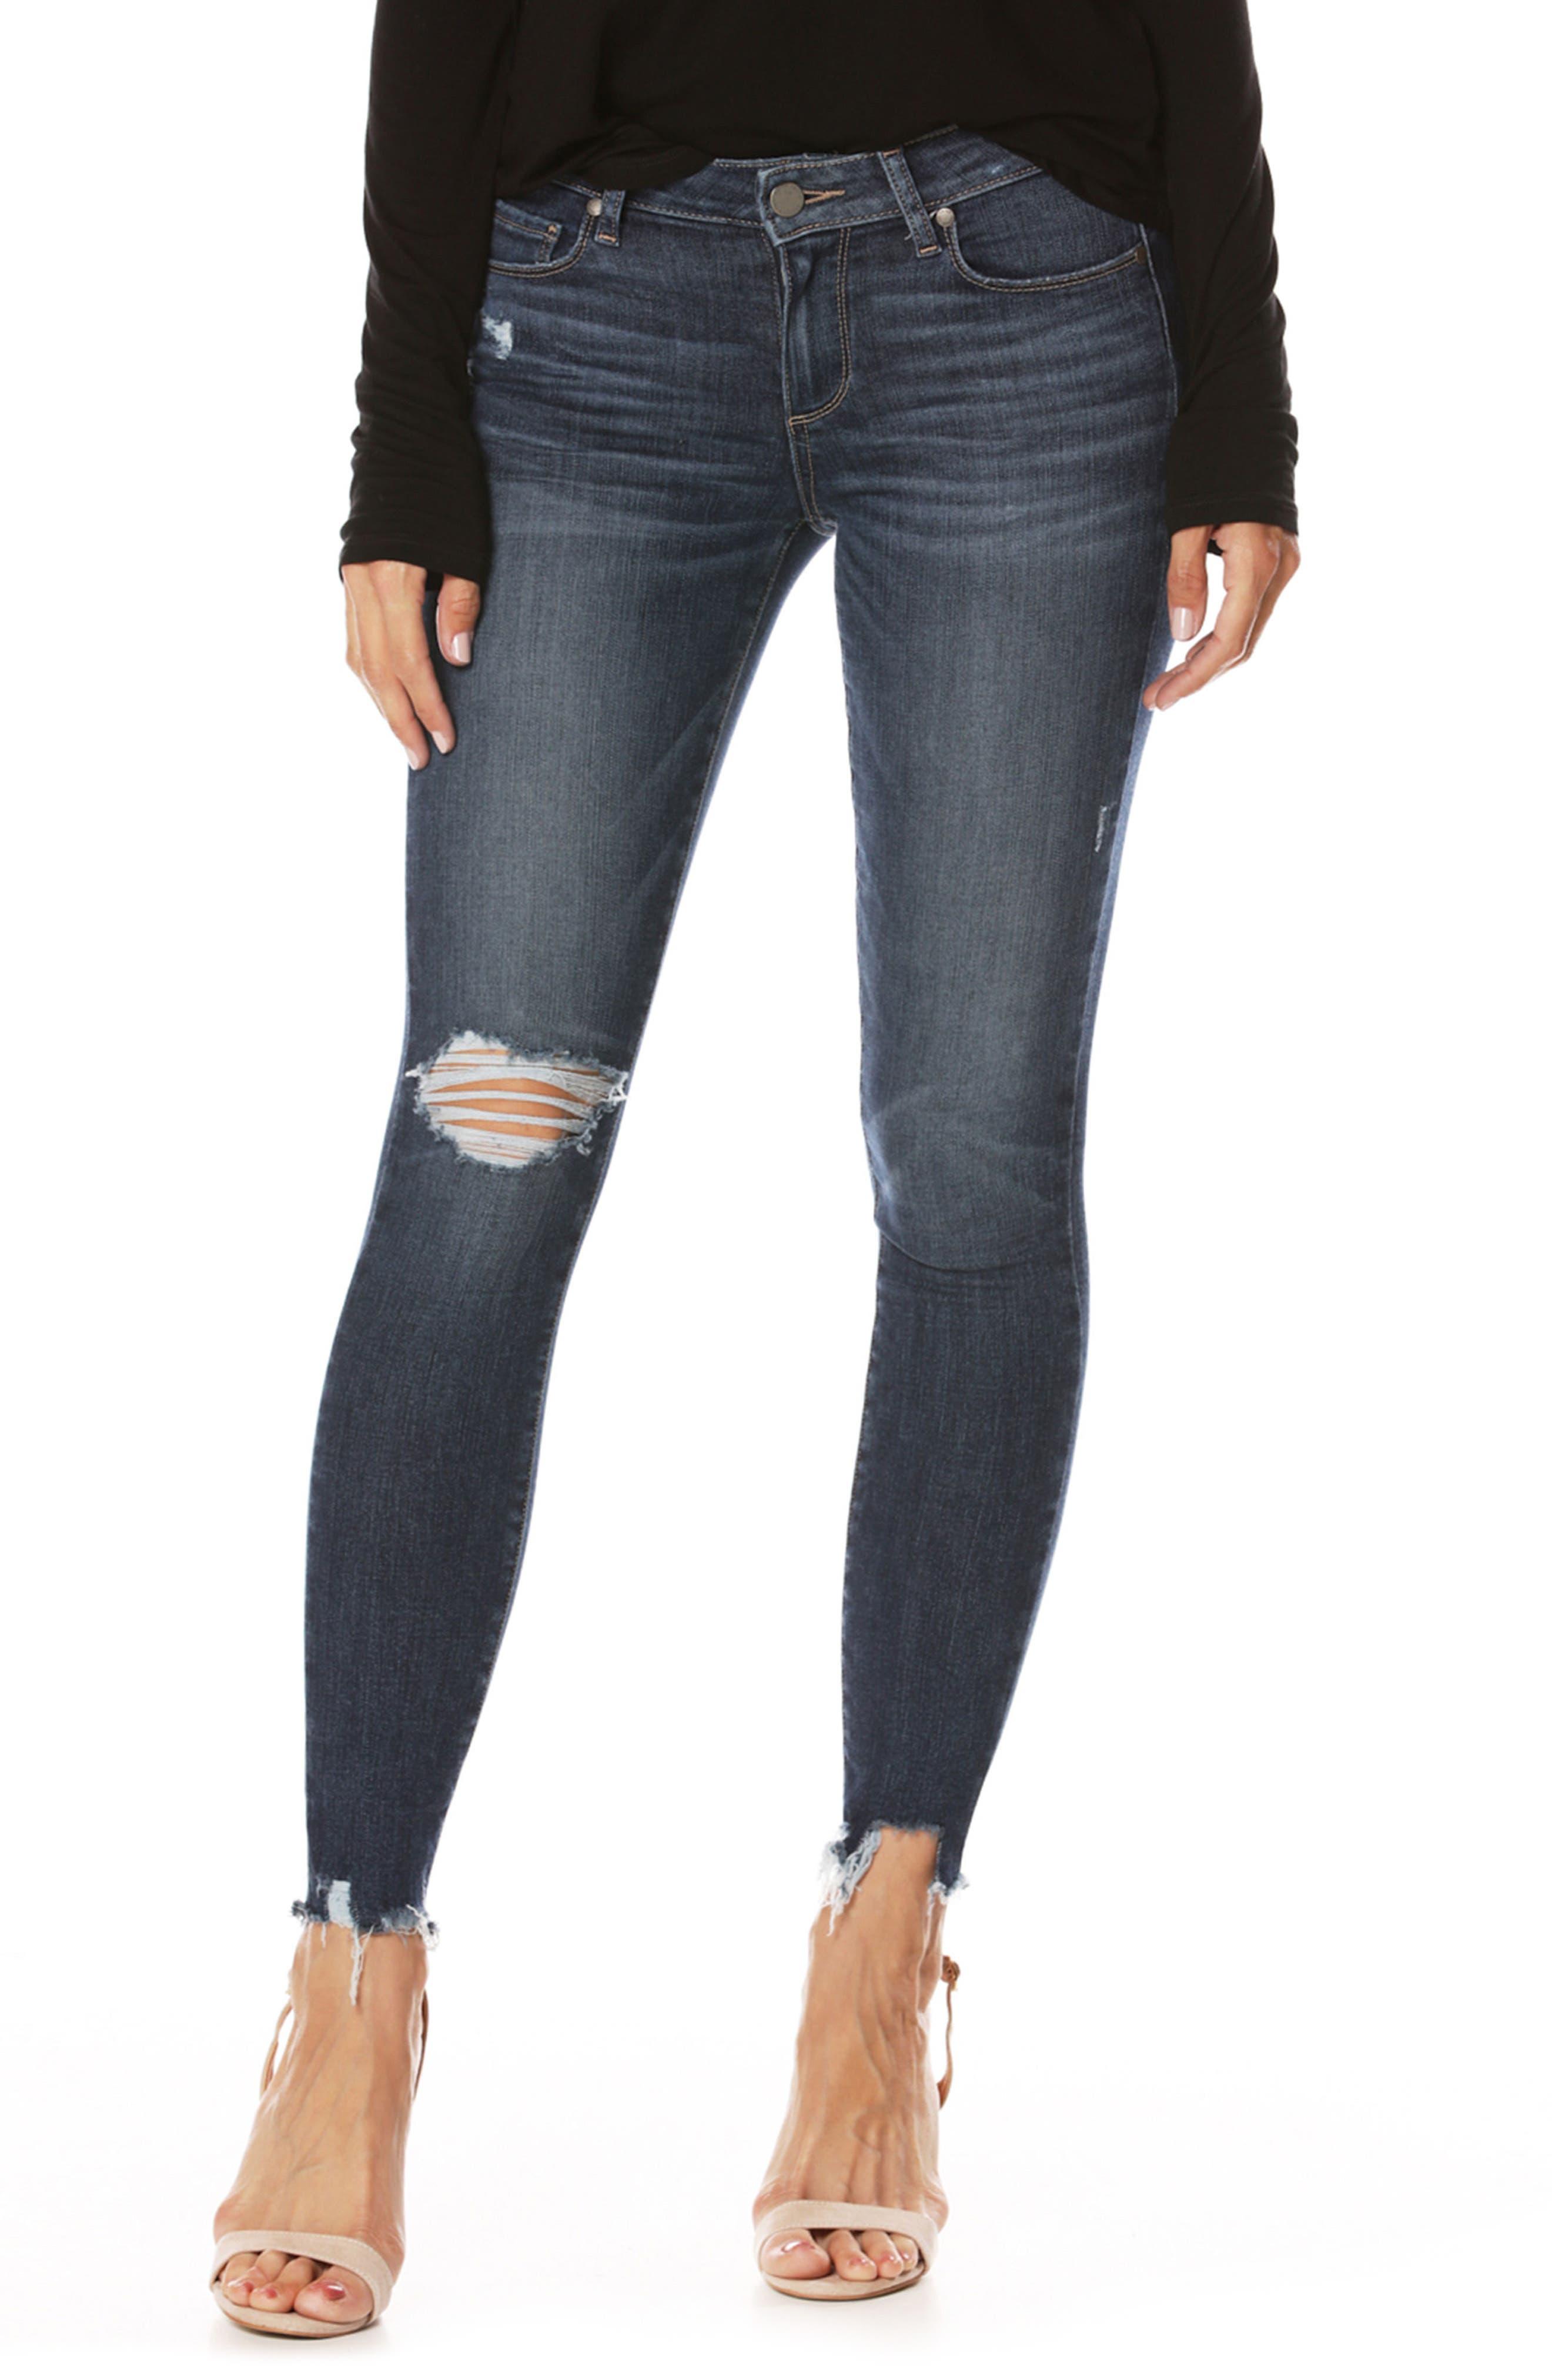 Main Image - PAIGE Transcend Vintage - Verdugo Ankle Skinny Jeans (Danton Destructed)